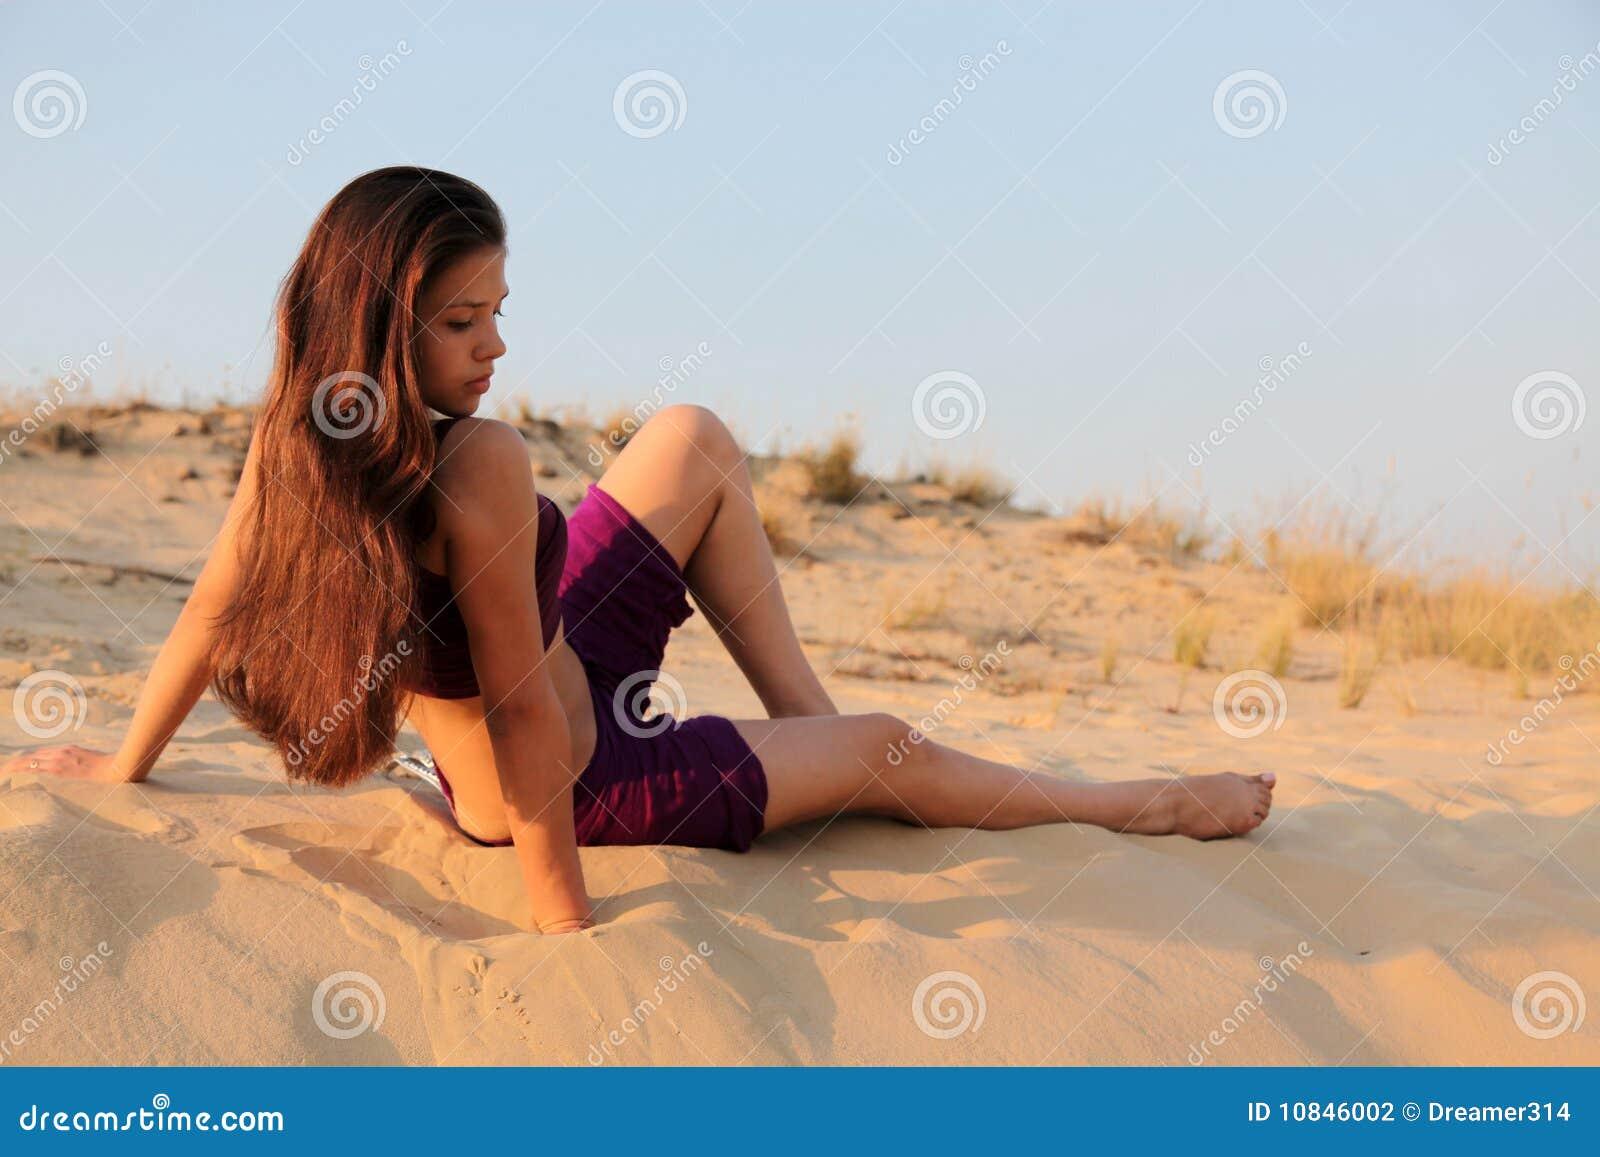 Jeune fille avec du charme dans le désert